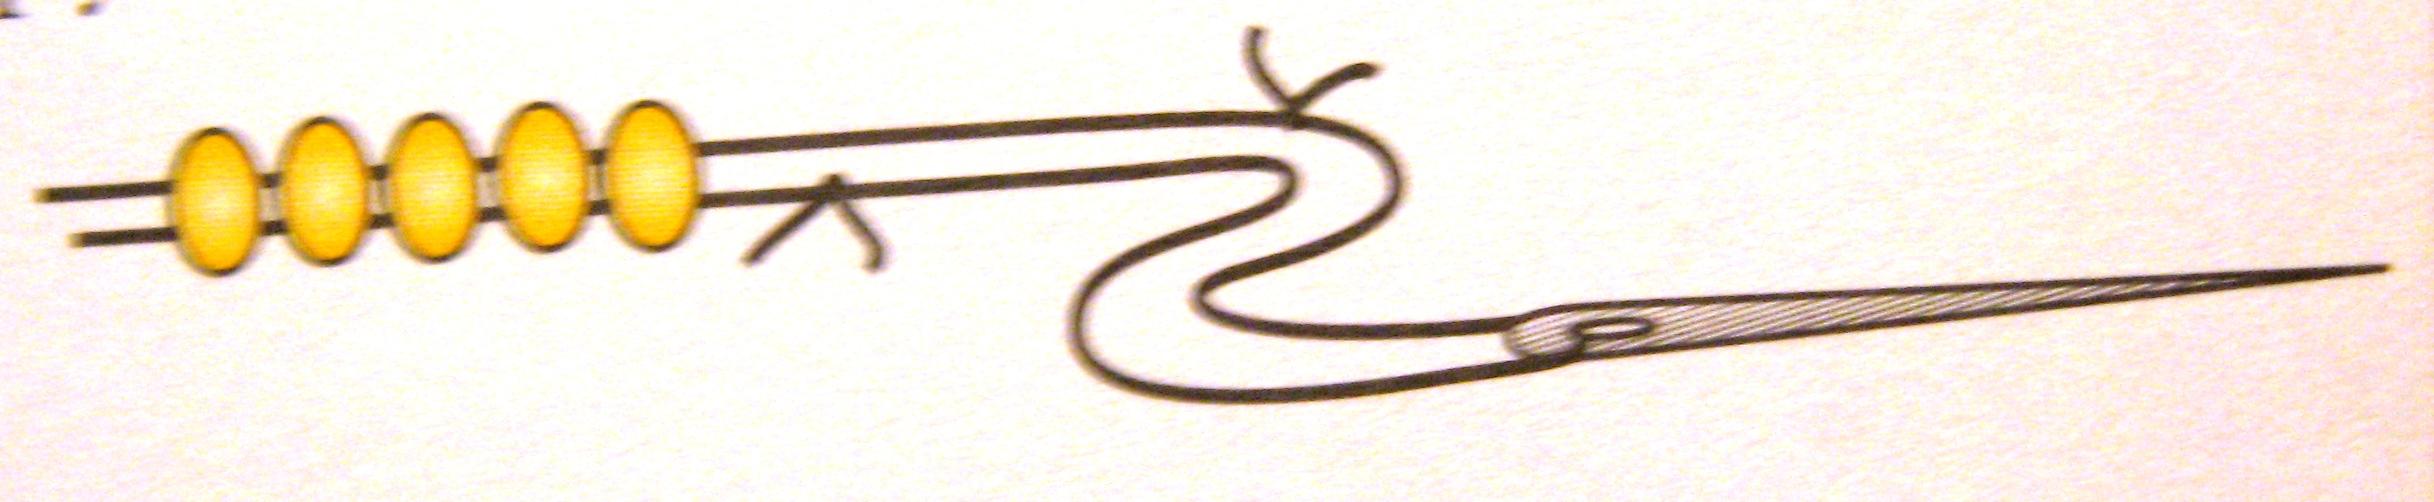 Айсинг. Royal Icing. Рецеп айсинга с пошаговыми фото